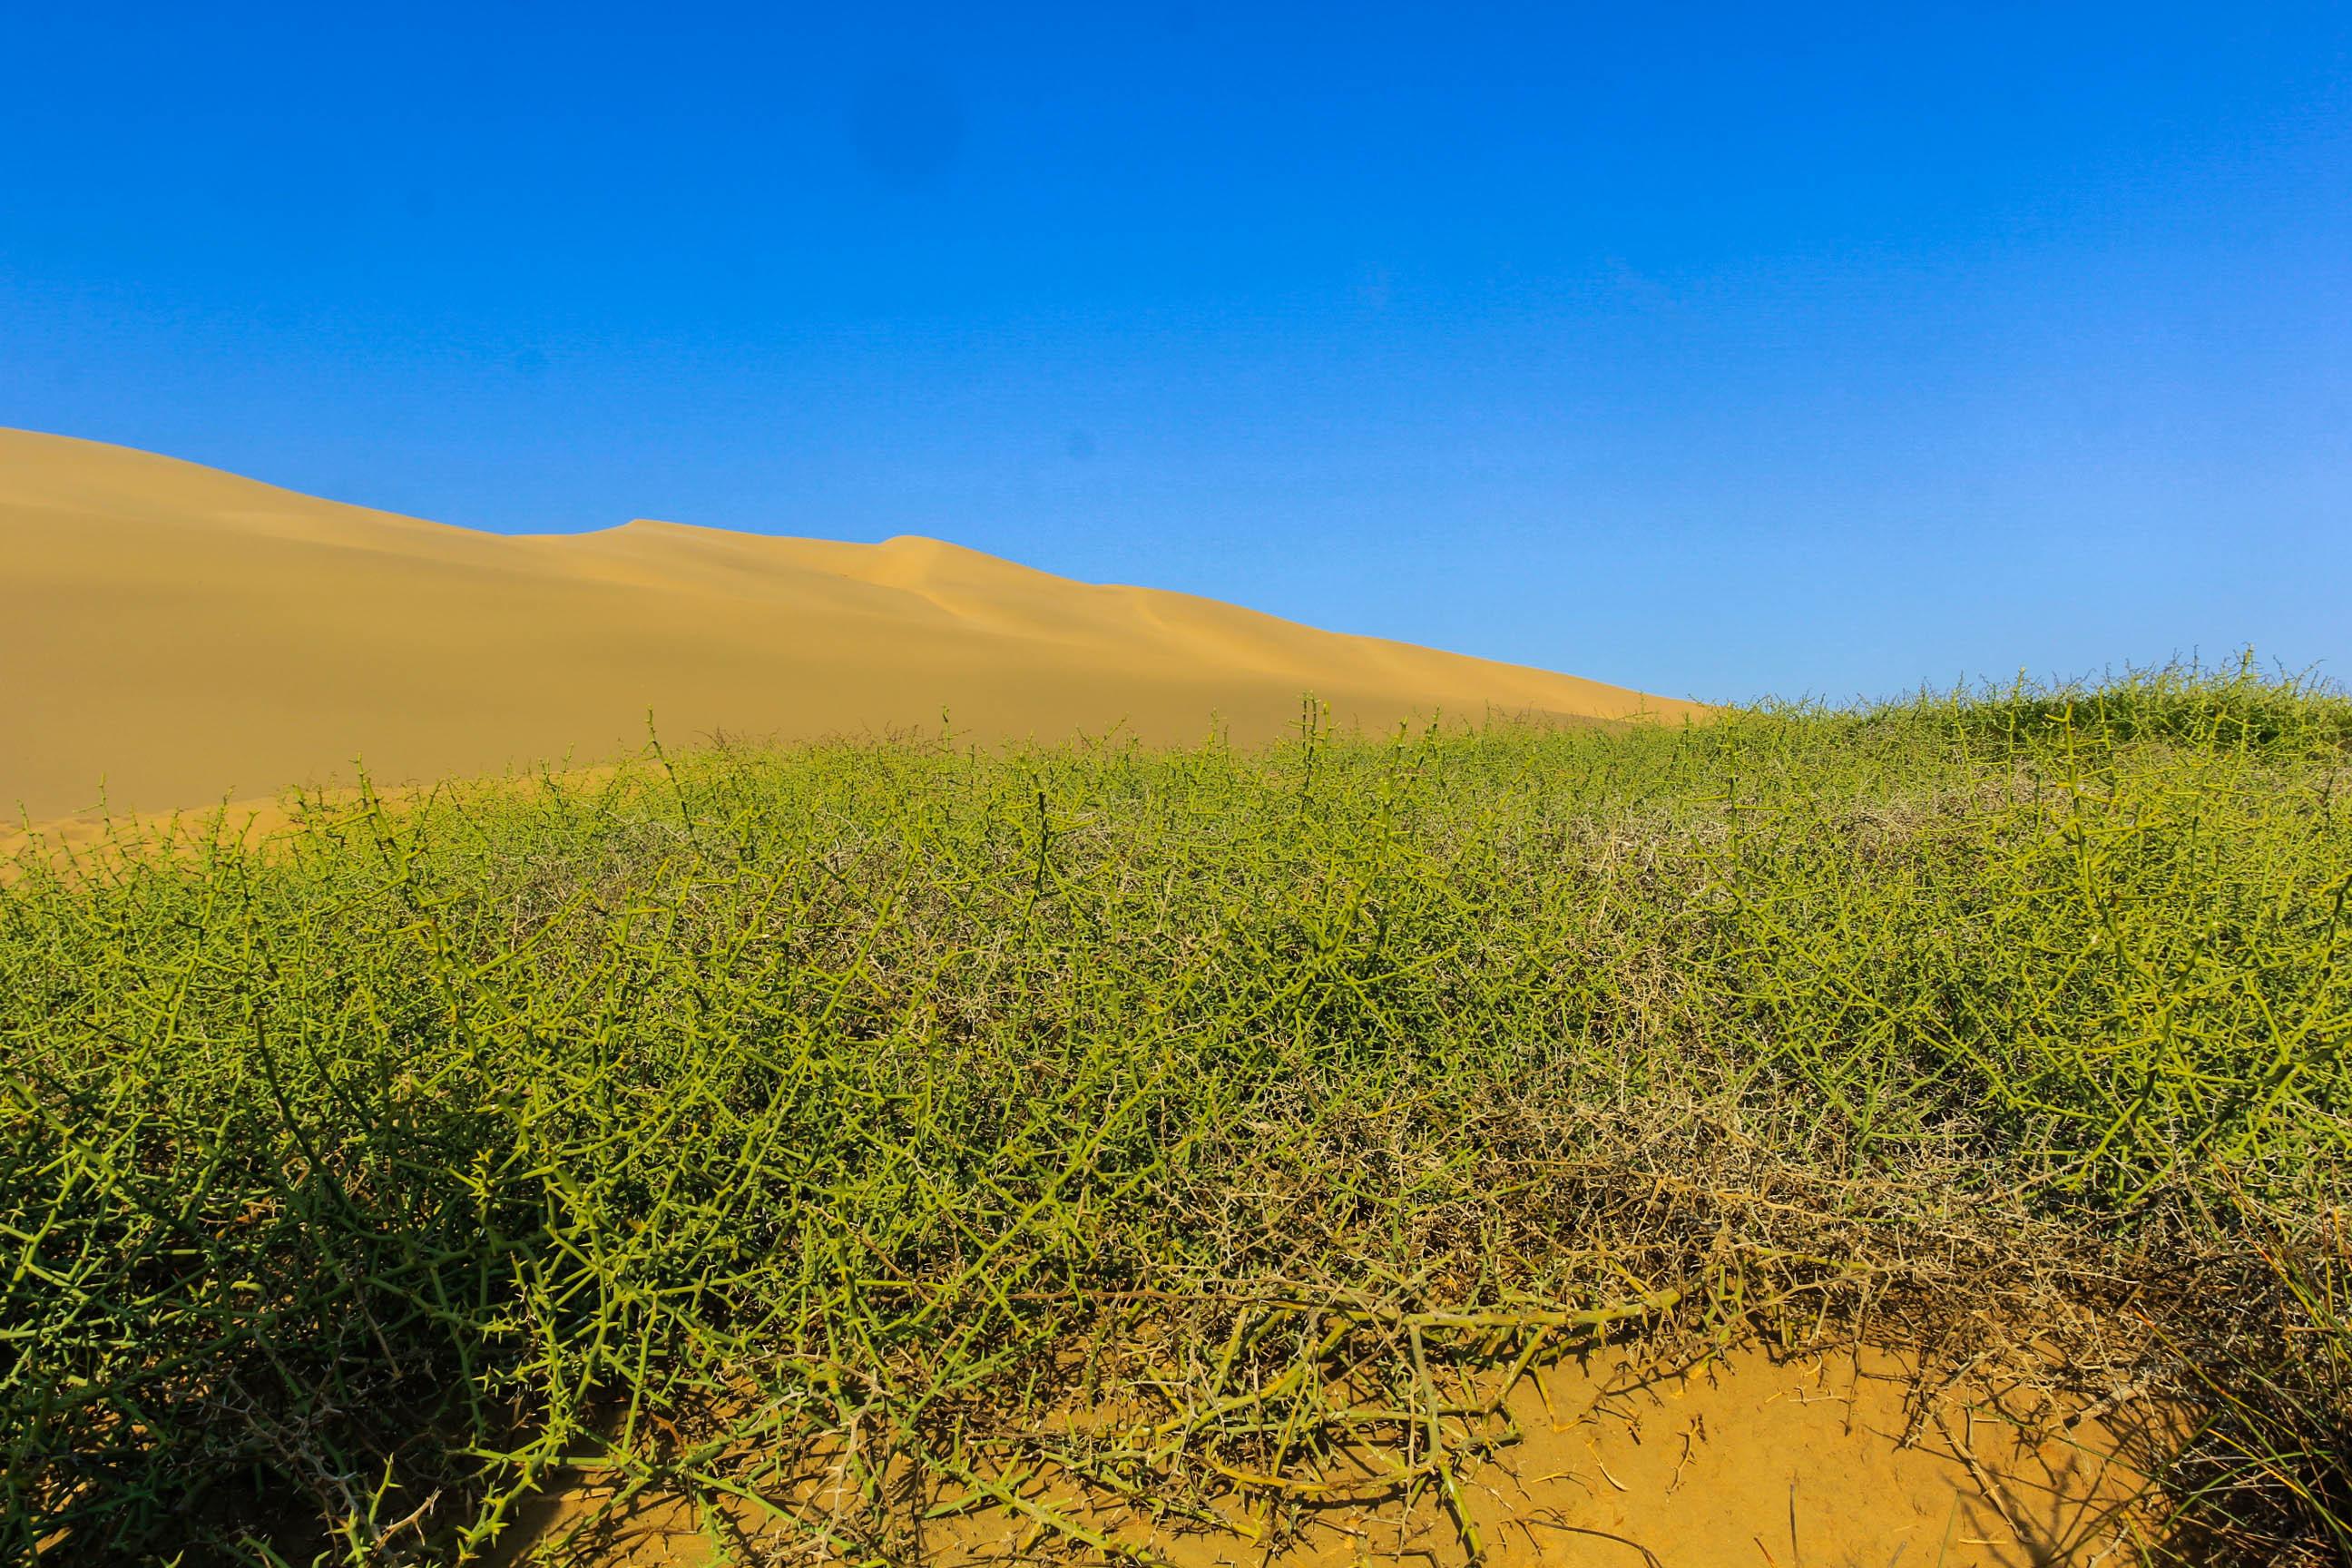 非洲这个沙漠生活着羚羊、鸵鸟等野生动物,还能踩出水来